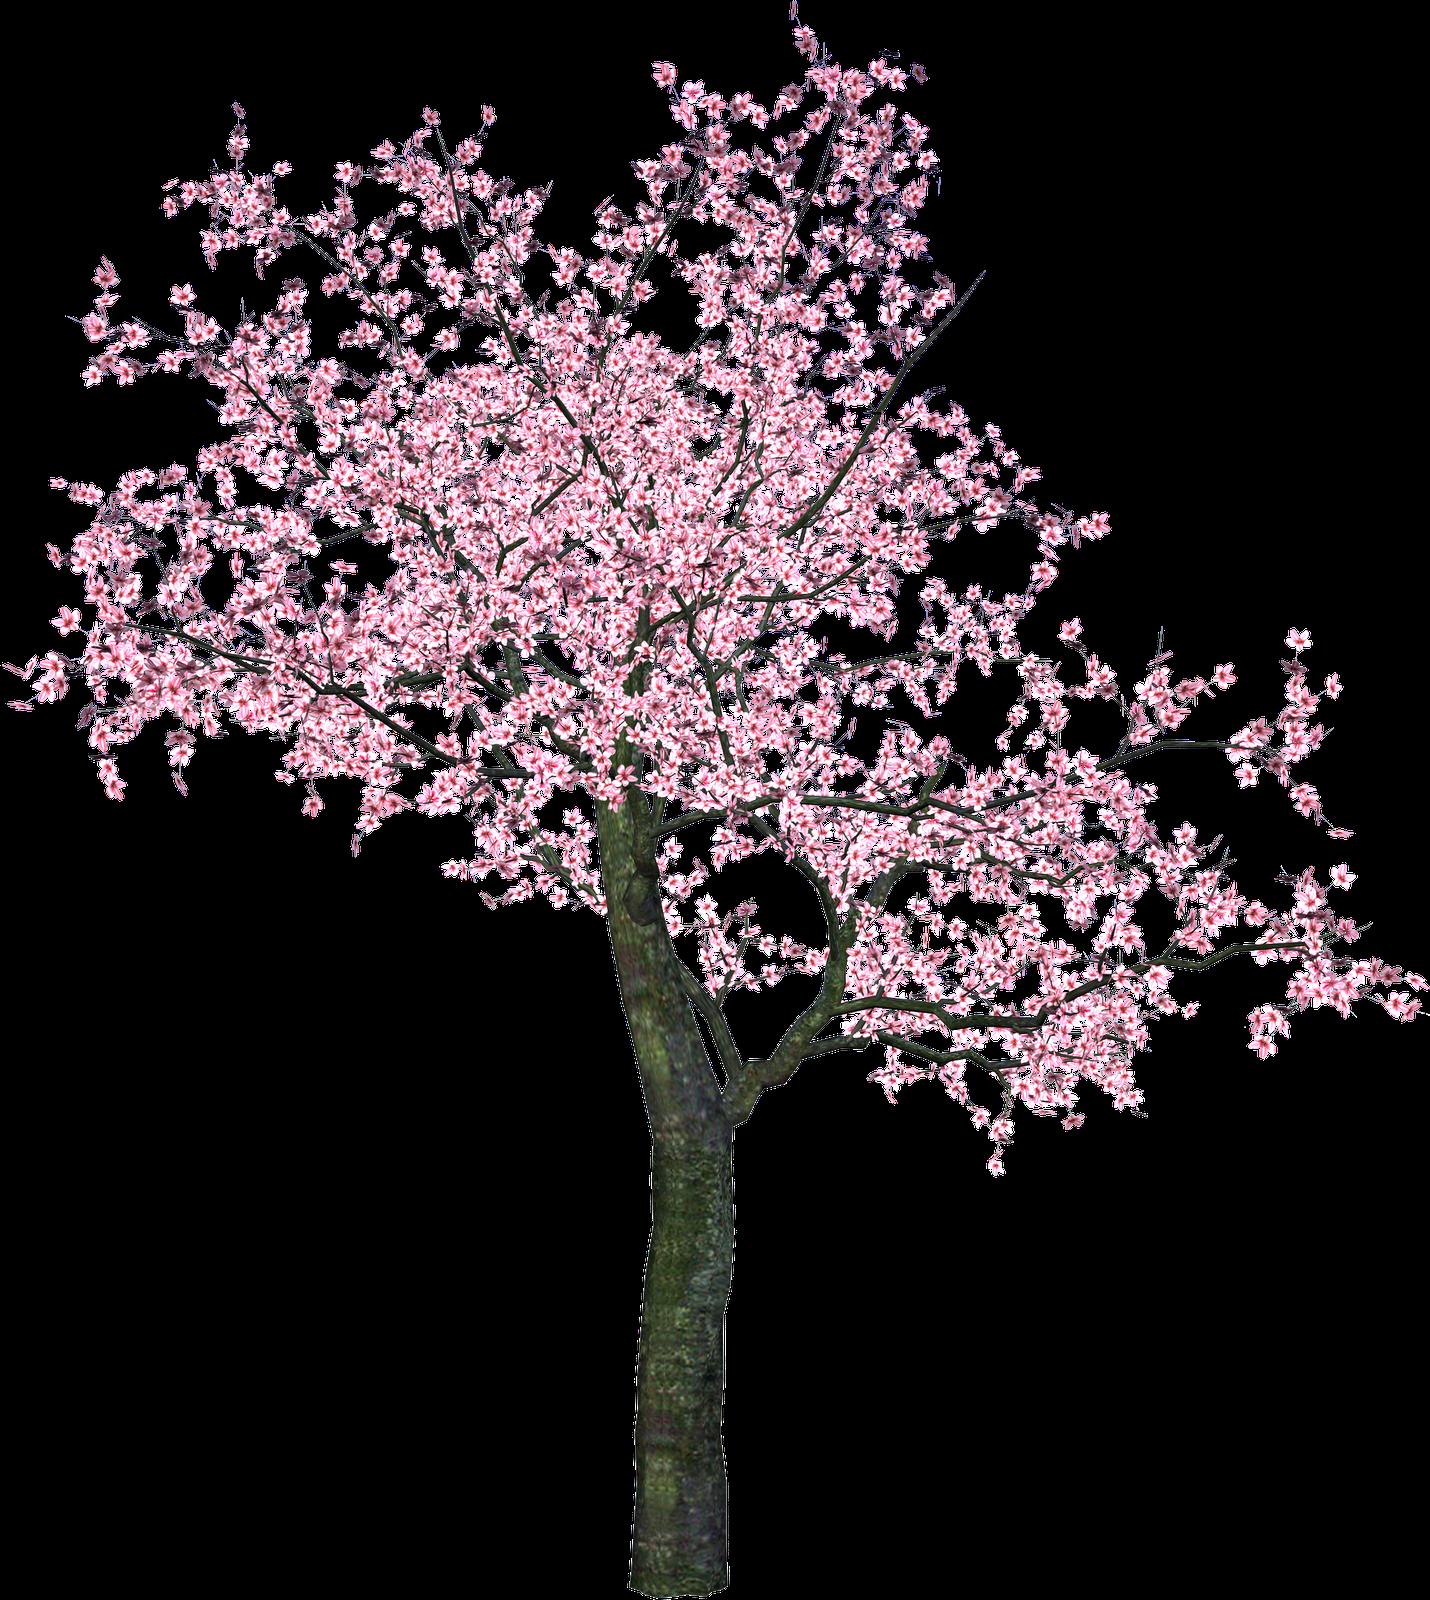 Gifs y fondos pazenlatormenta flores chinas - Rosas chinas ...